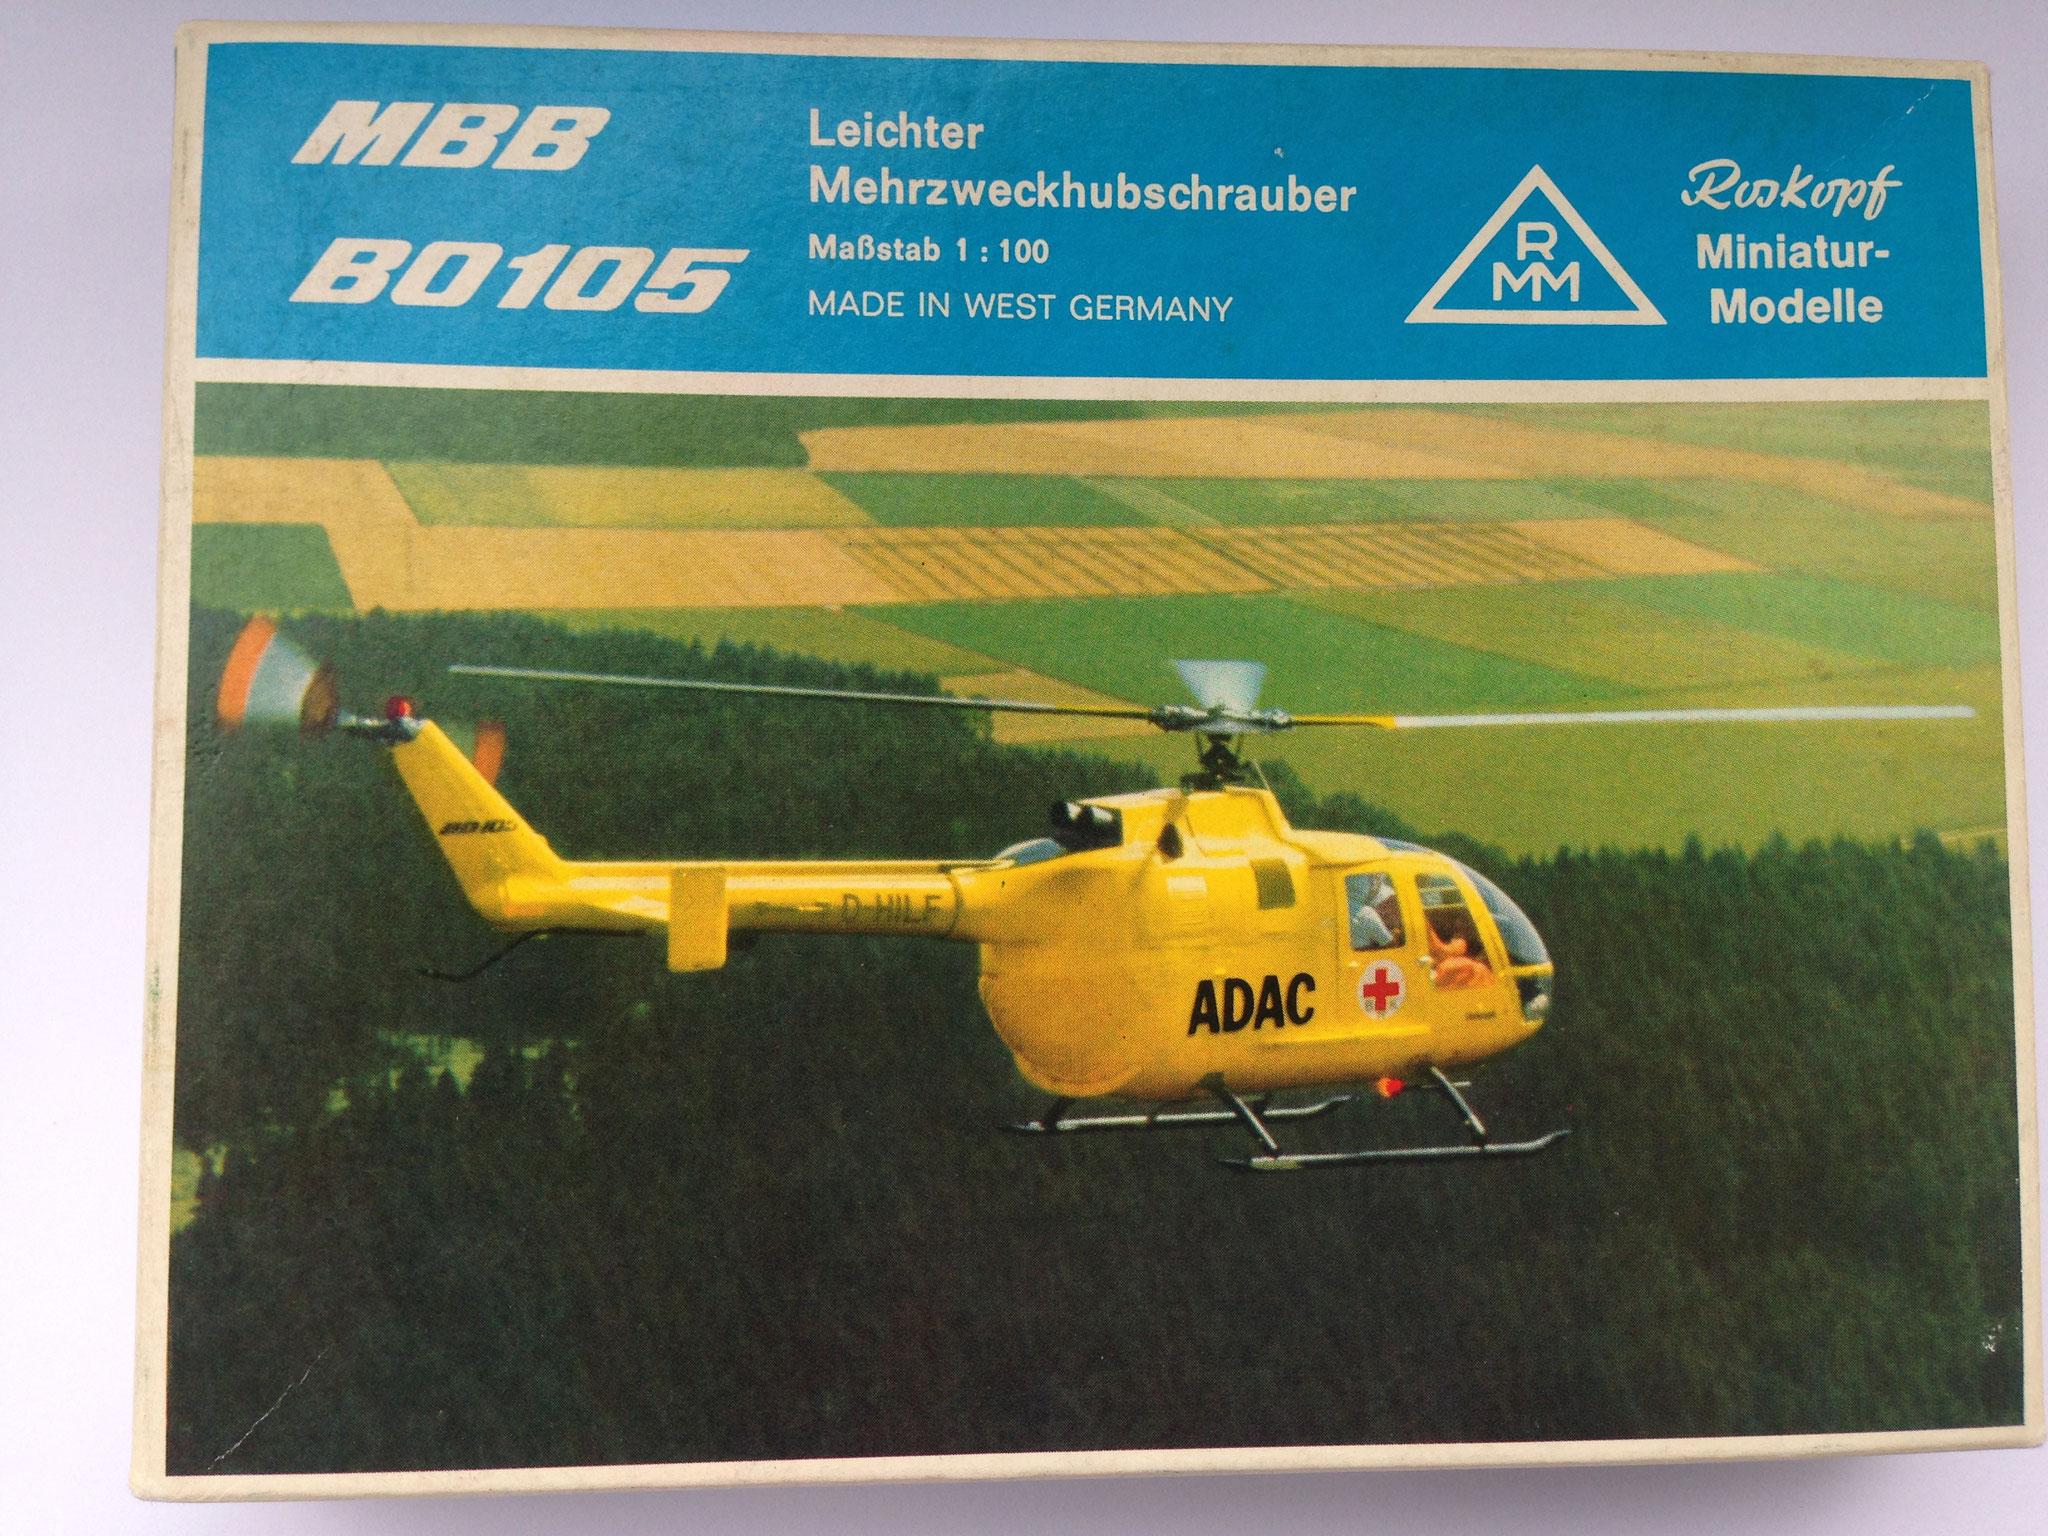 ADAC Rettungshubschrauber BO 105, Bausatz, Art. Nr. 33 (ab 1974 im Programm)